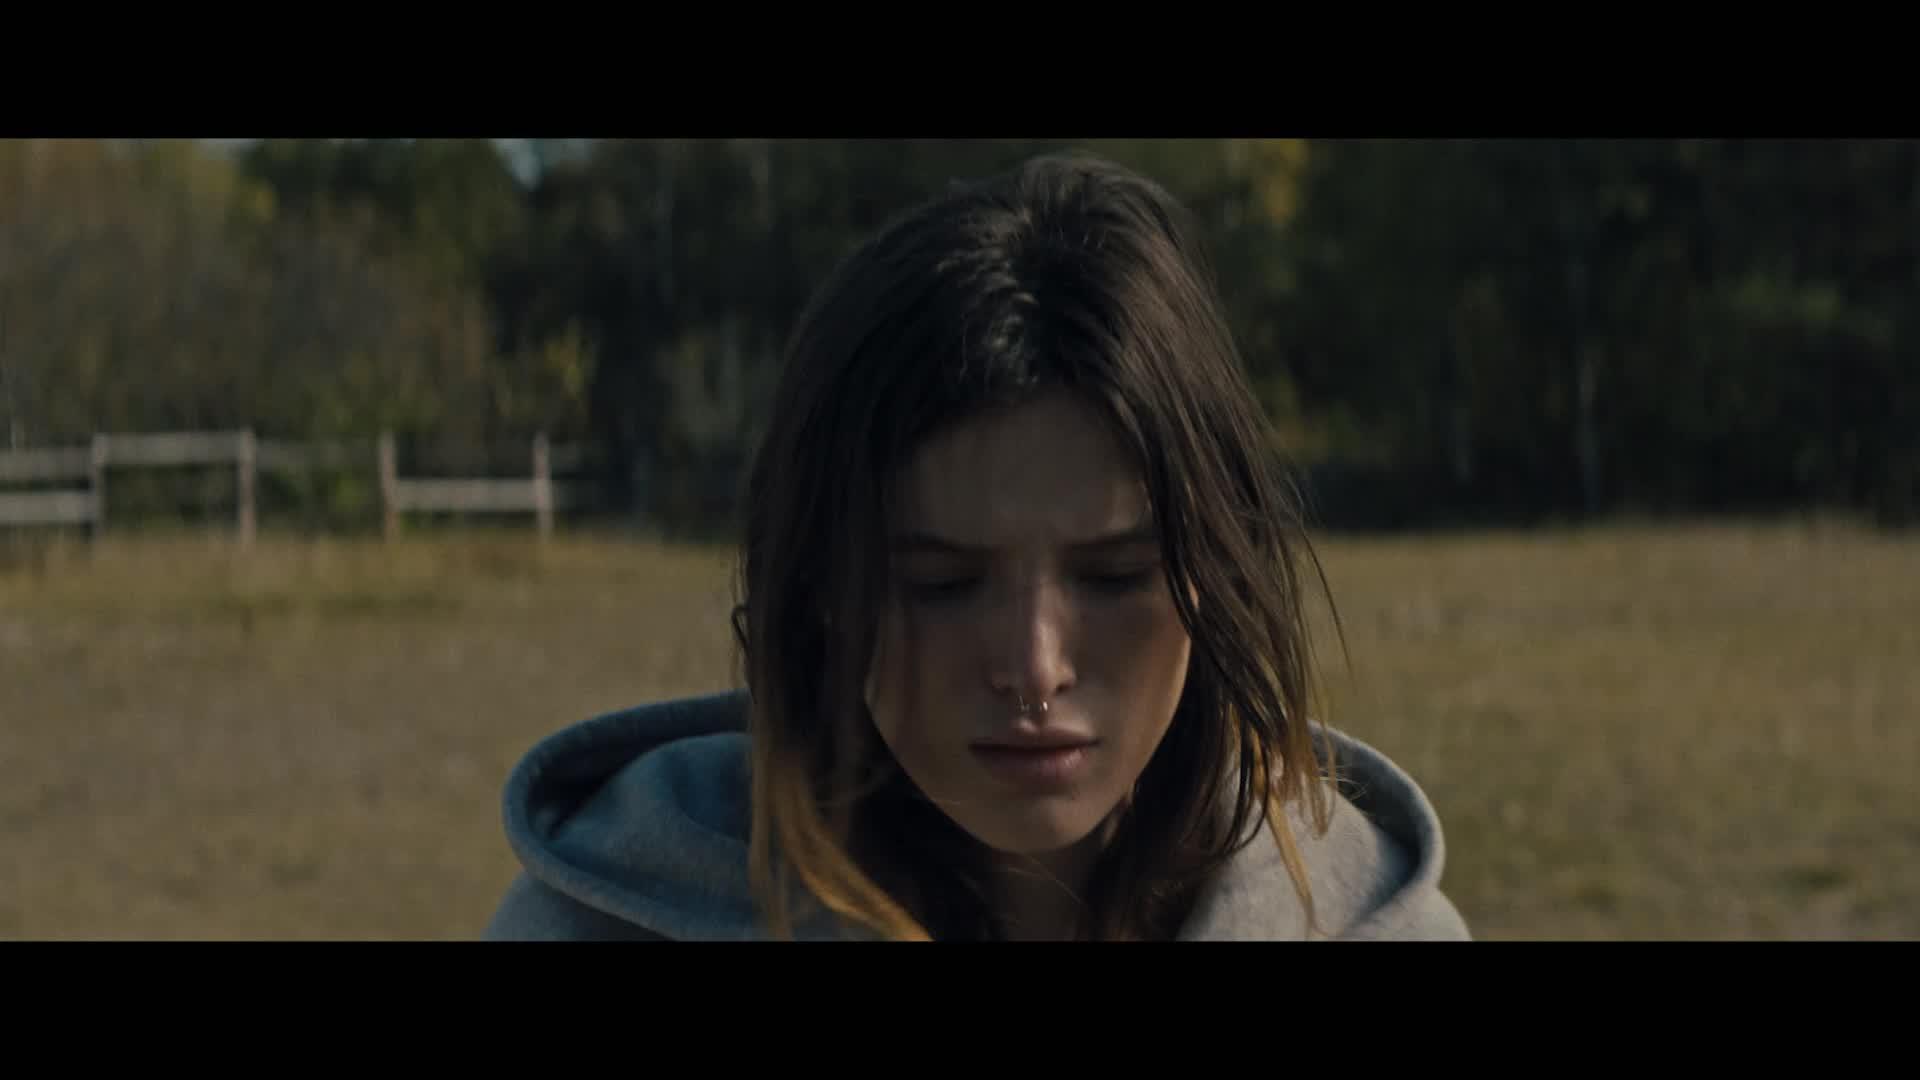 รีวิว สาวน้อย 2020 เป็นภาพยนตร์ระทึกขวัญอเมริกัน ถ่ายทำในปี 2019